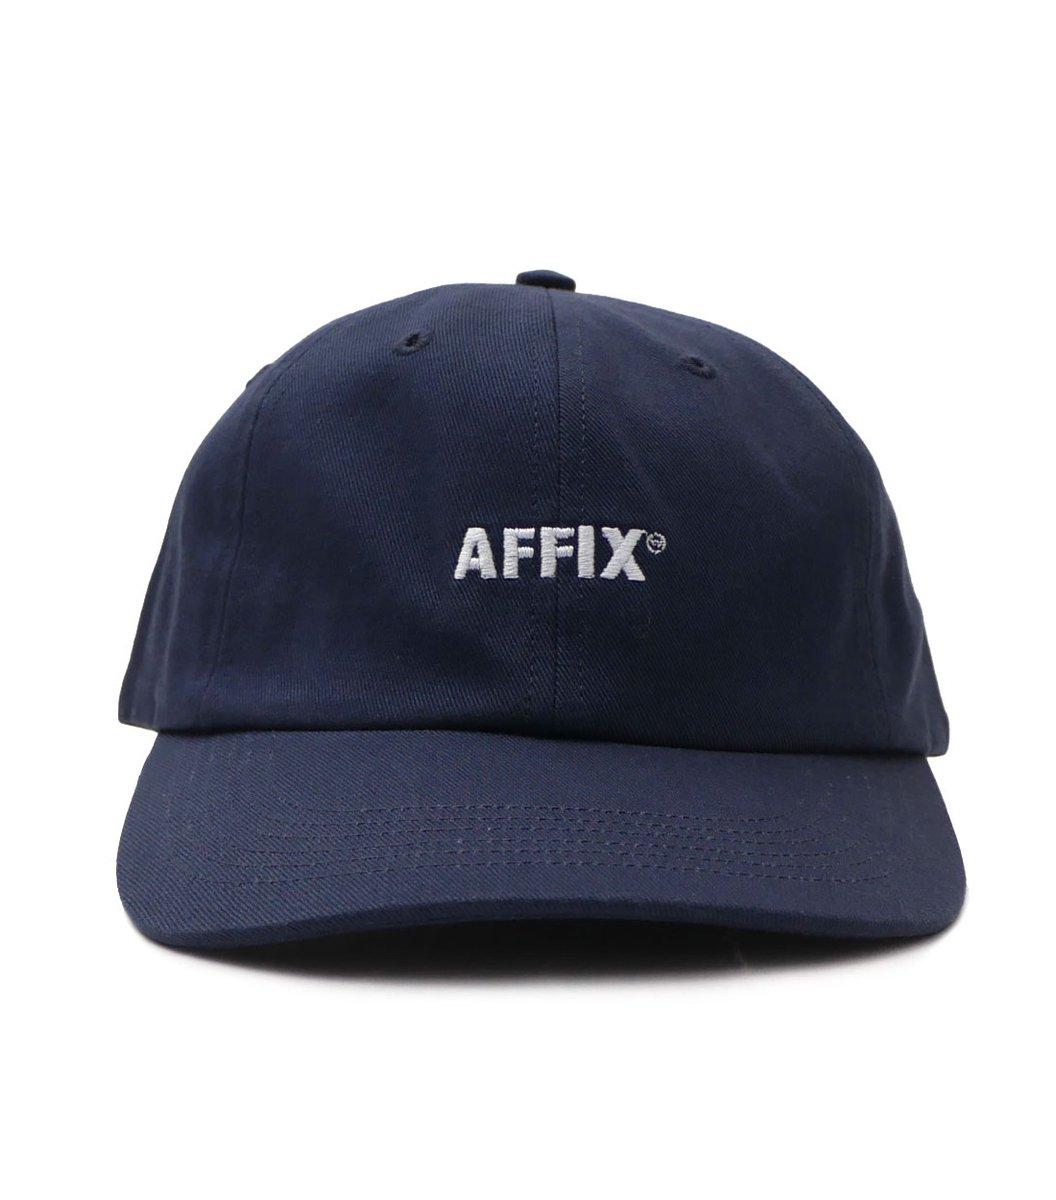 【#星野源 さんファッション】2/19の「#星野源ANN」収録時に、#三浦大知 さんが星野源さんにプレゼントした帽子はこちら。シンプルなロゴデザインがカッコいい #AFFIX のキャップです。🔽詳細はこちら